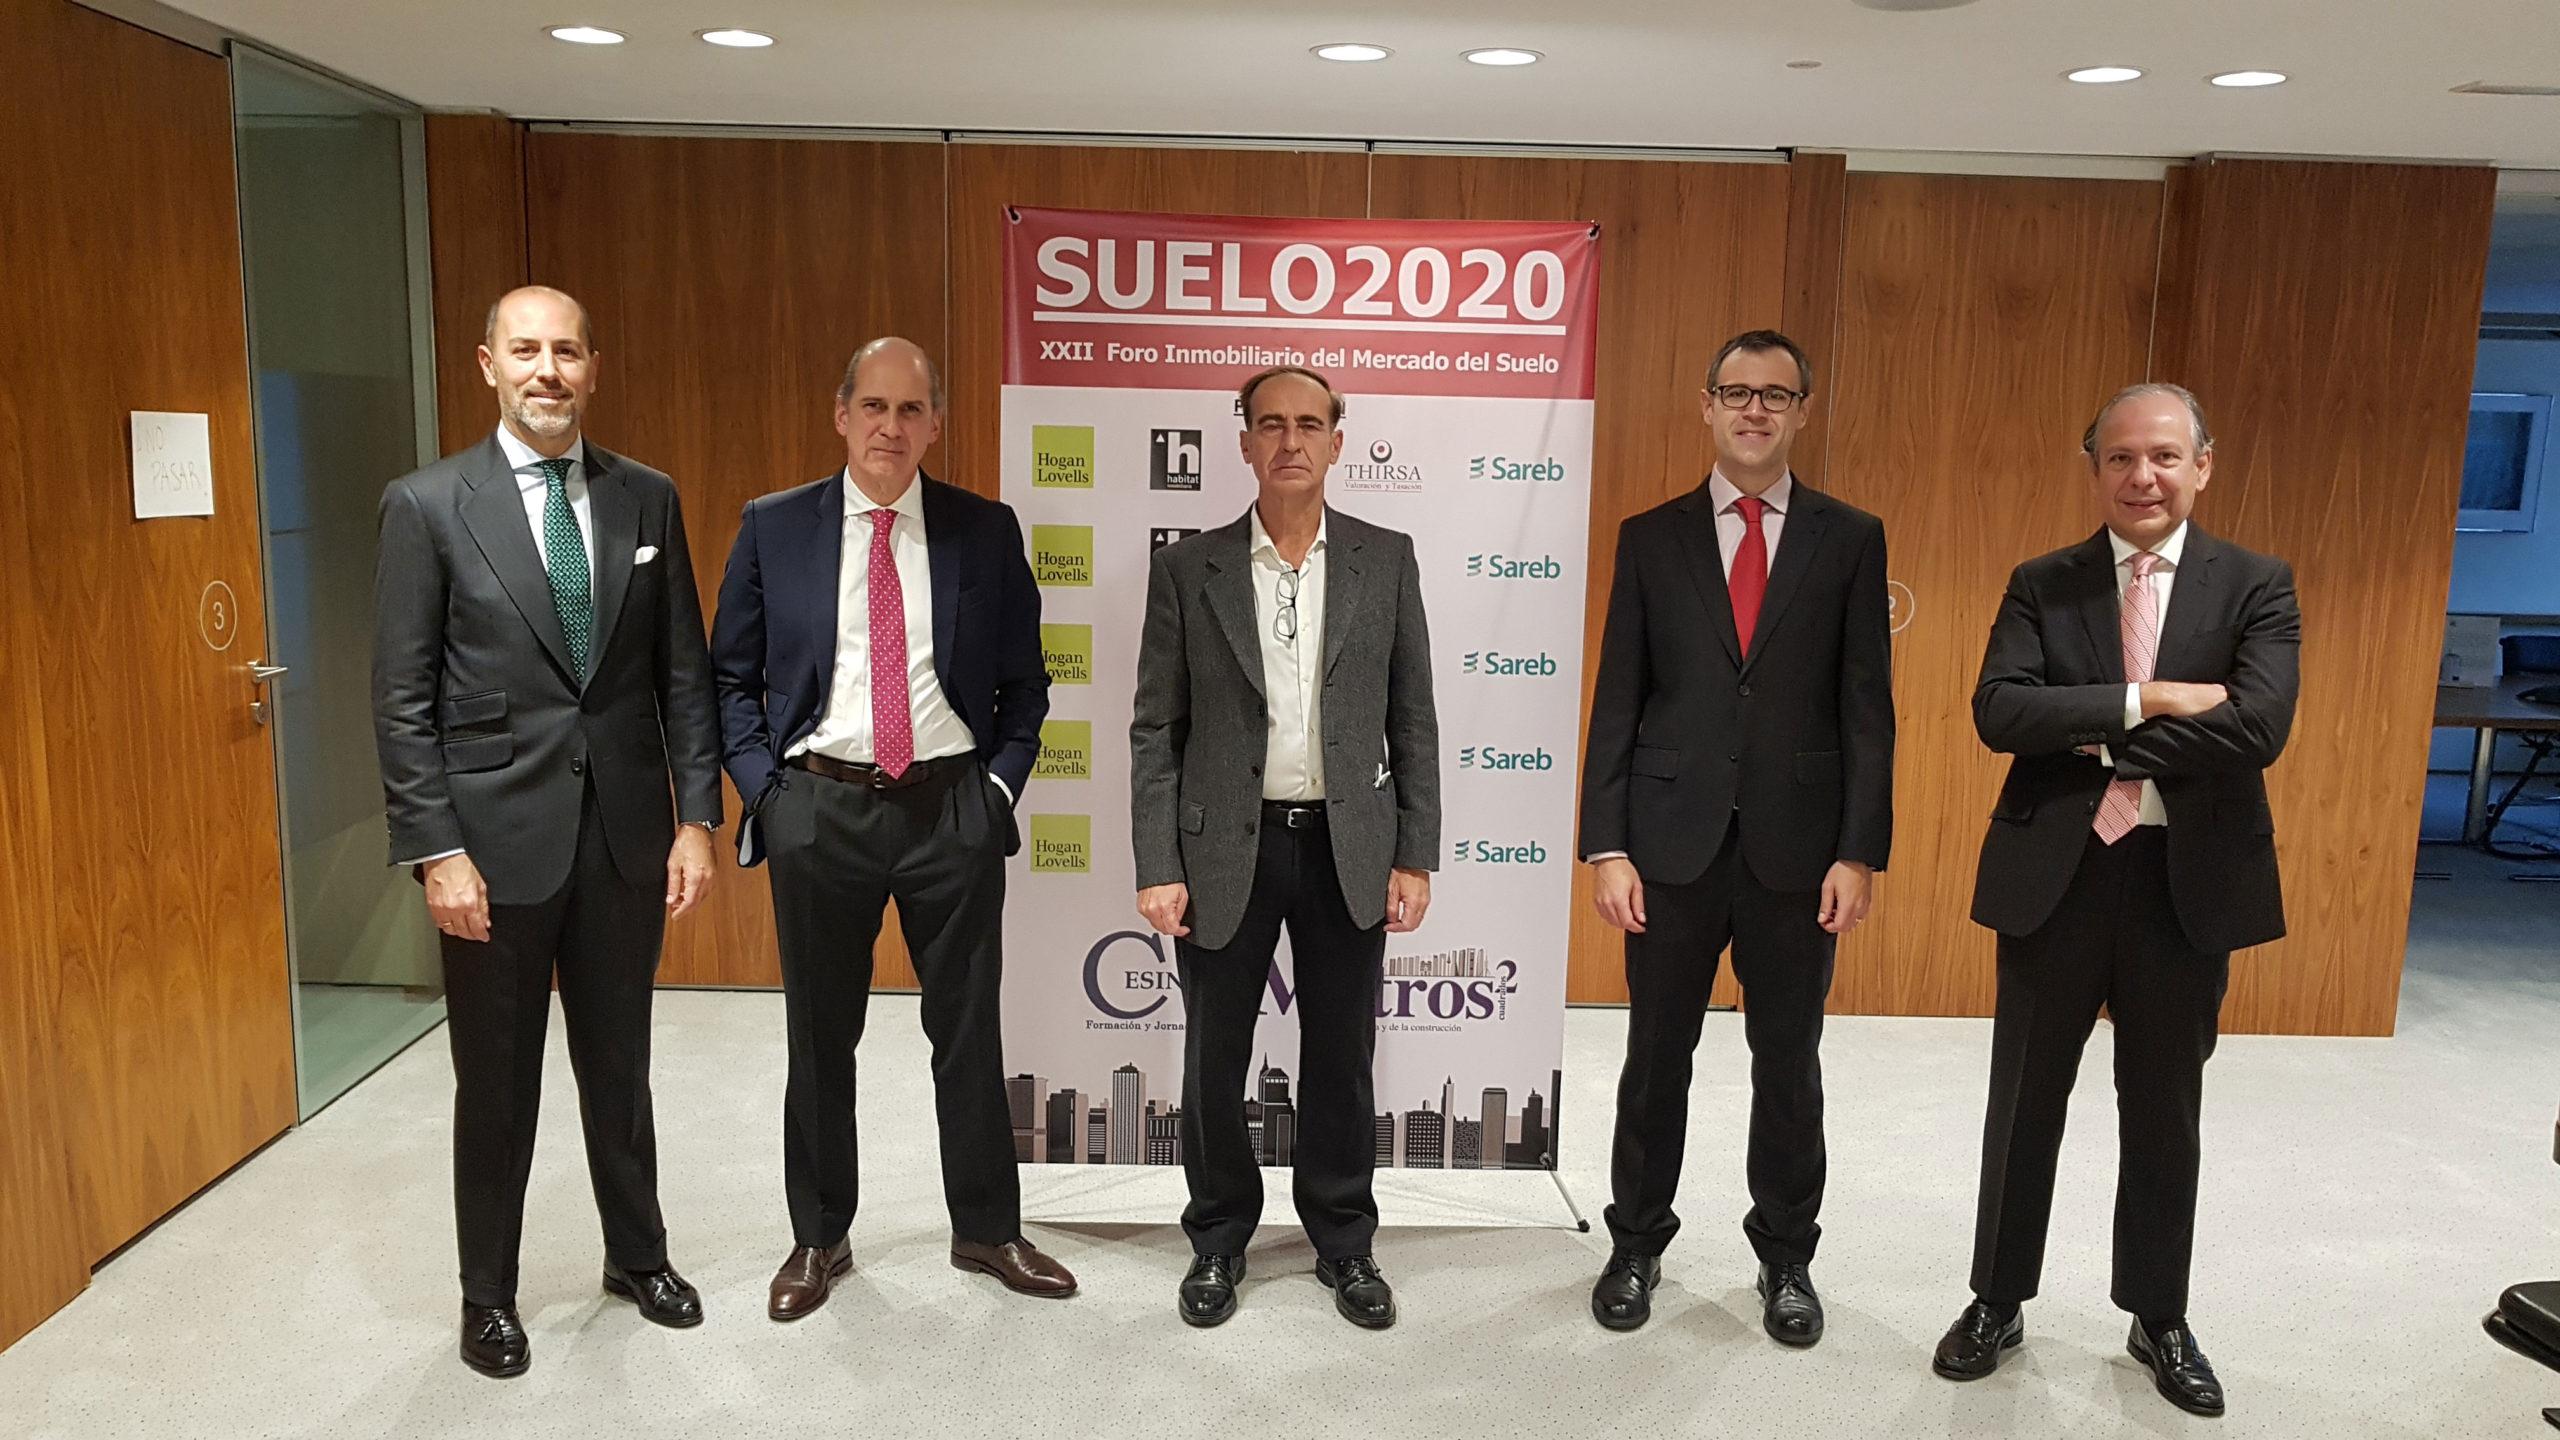 Suelo 2020